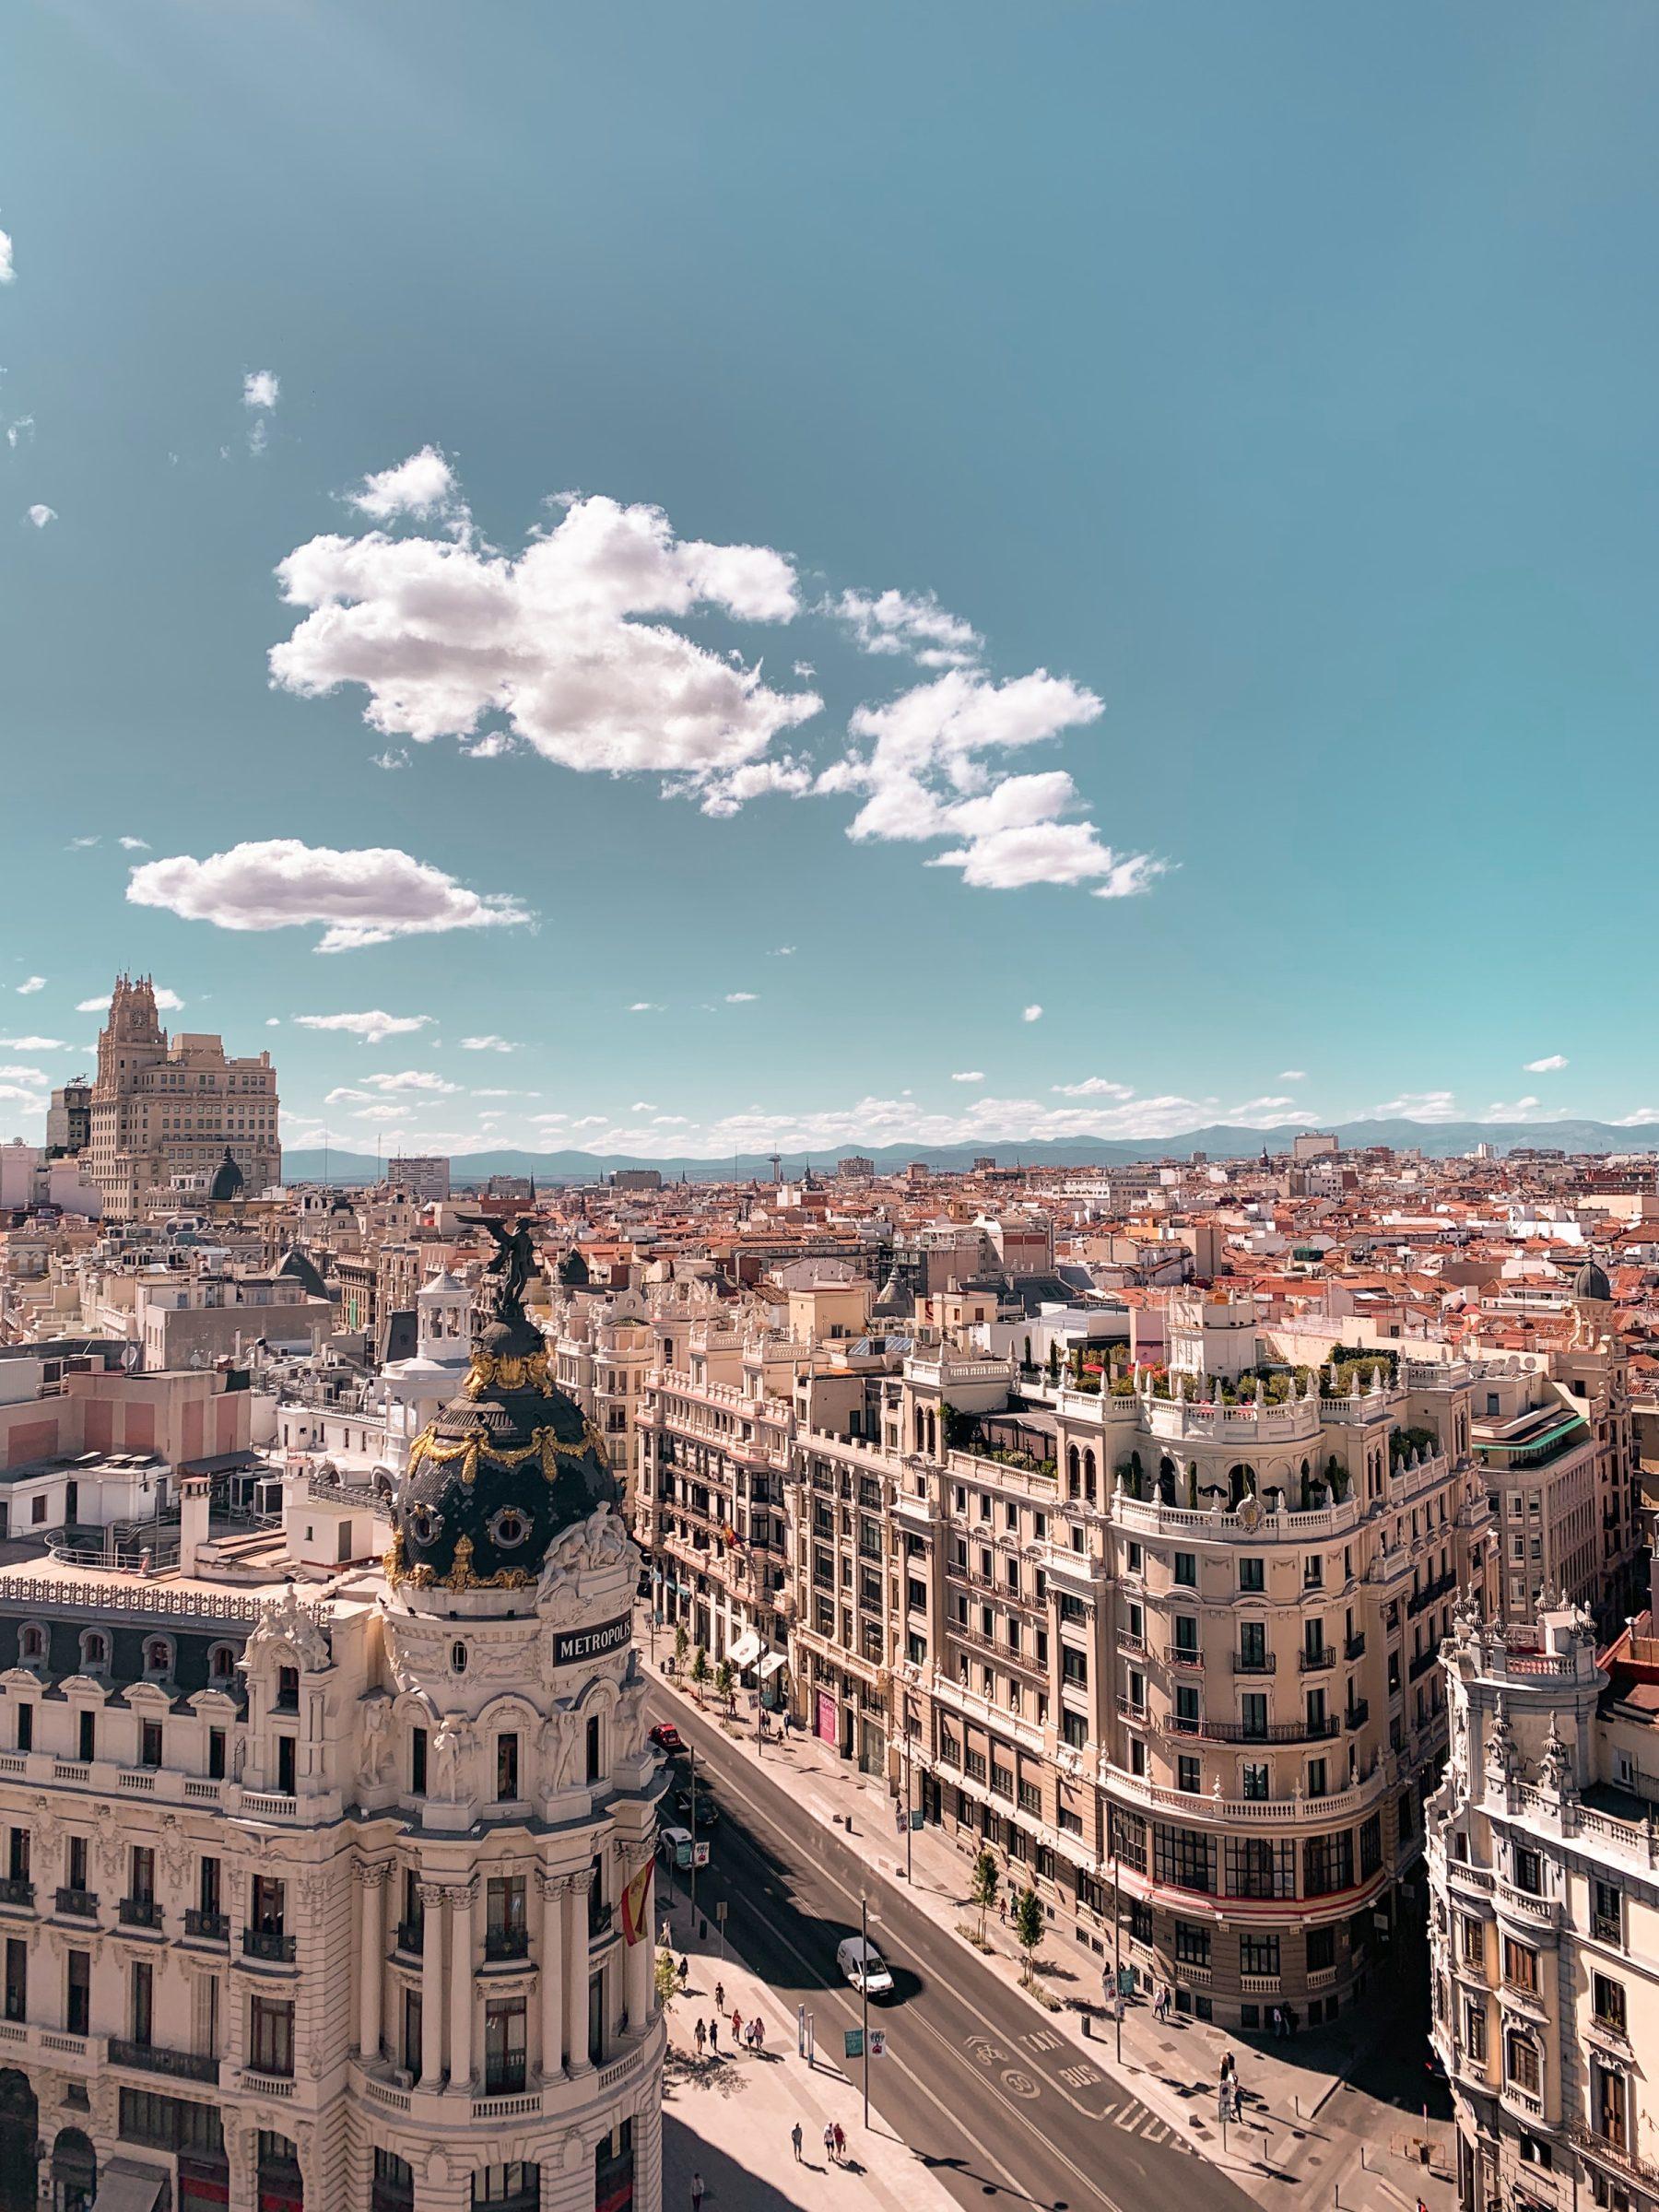 De prachtige straten van Madrid in Spanje